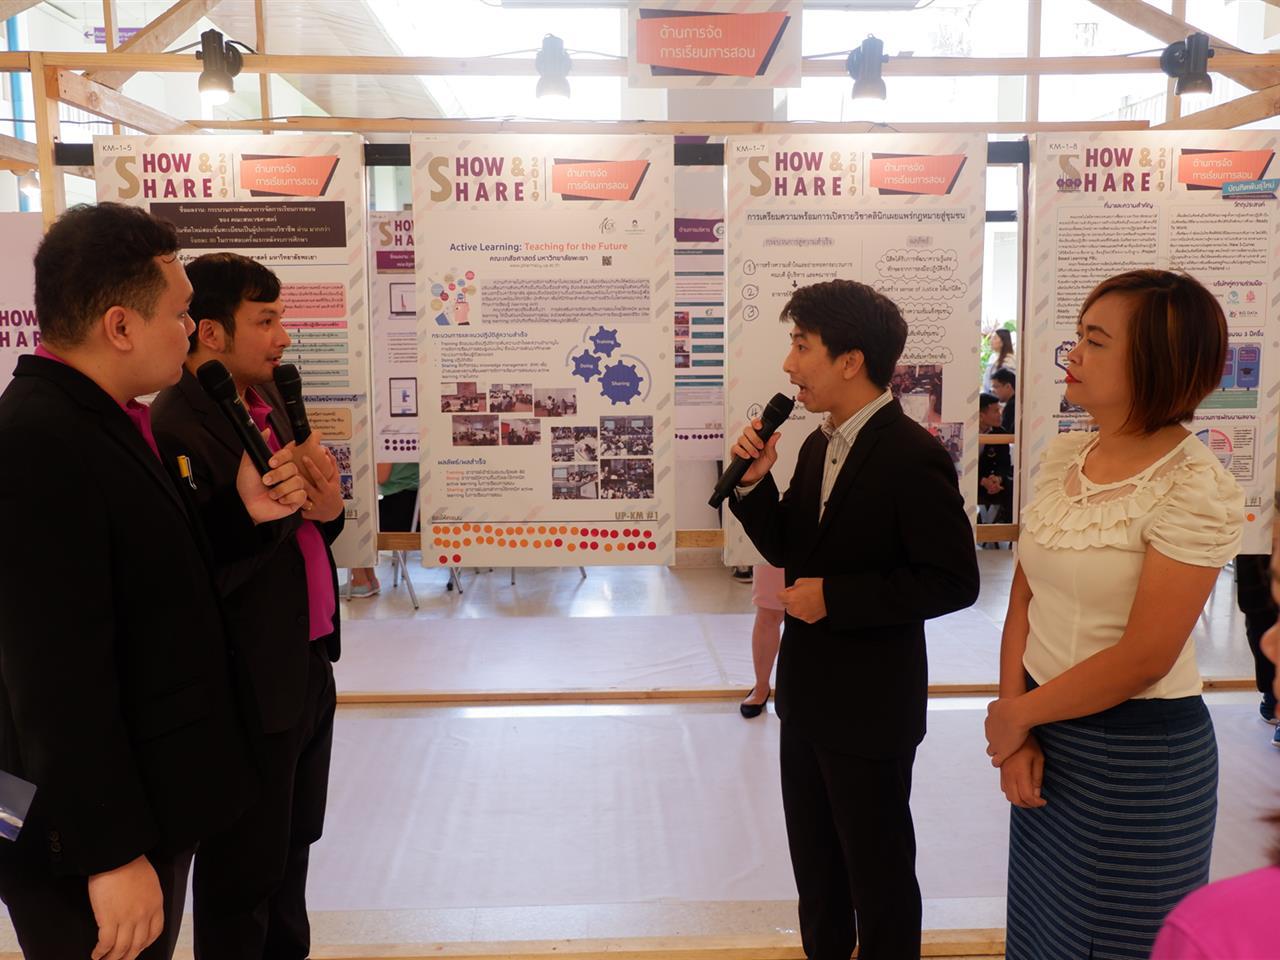 คณะเภสัชศาสตร์ มหาวิทยาลัยพะเยา ได้ส่งผลงานเข้าร่วมกิจกรรม SHOW & SHARE UP-KM 2019 ครั้งที่ 1